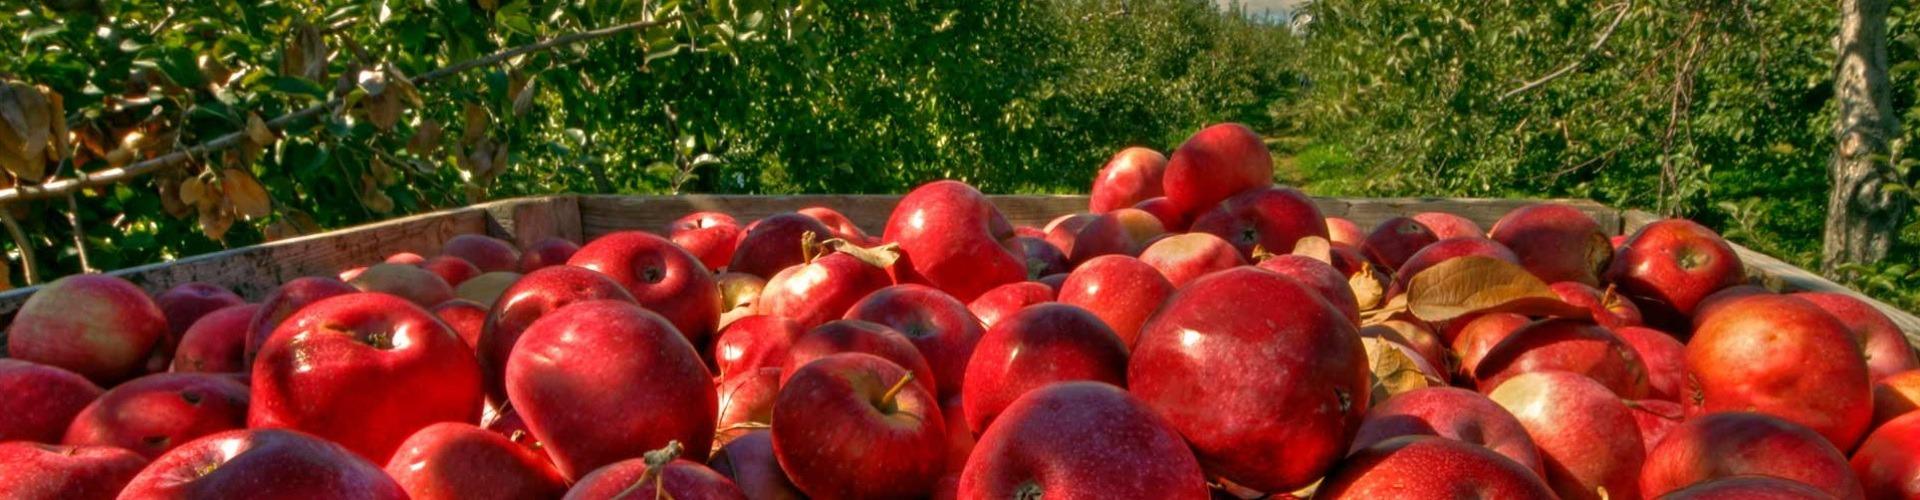 Kerüljön alma a spájzba!